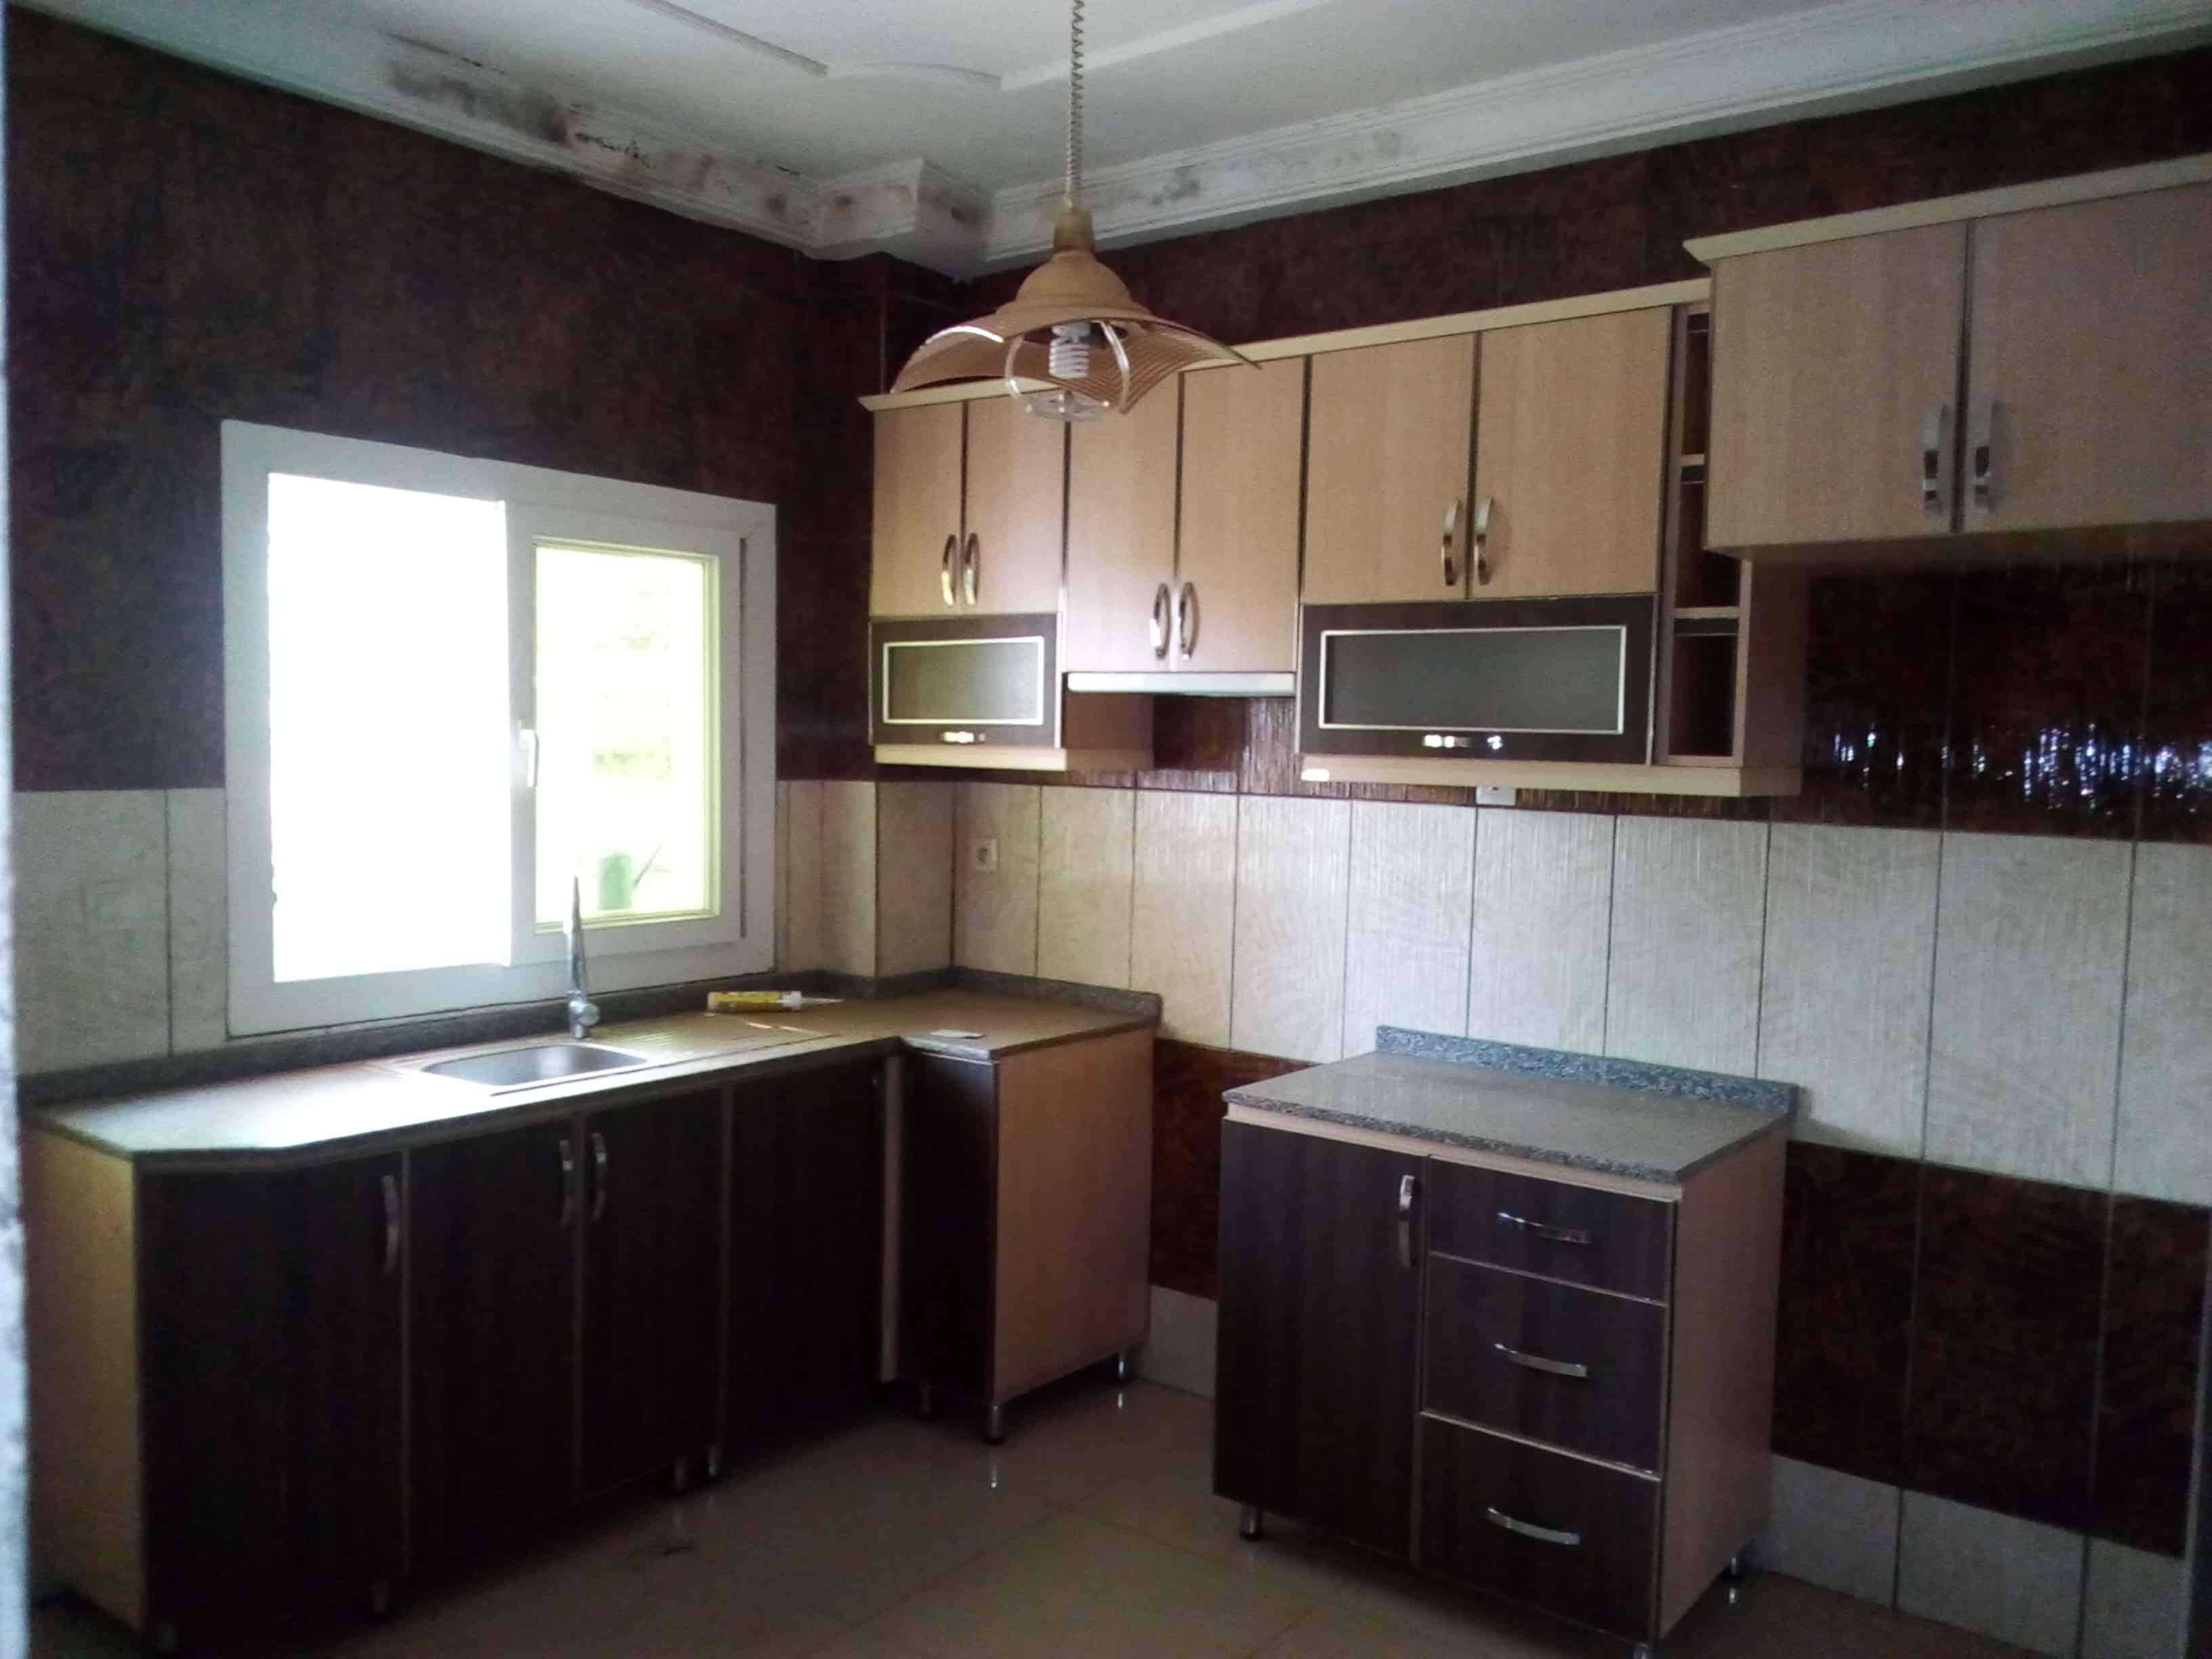 Appartement à louer - Yaoundé, Bastos, golf - 1 salon(s), 3 chambre(s), 4 salle(s) de bains - 1 700 000 FCFA / mois